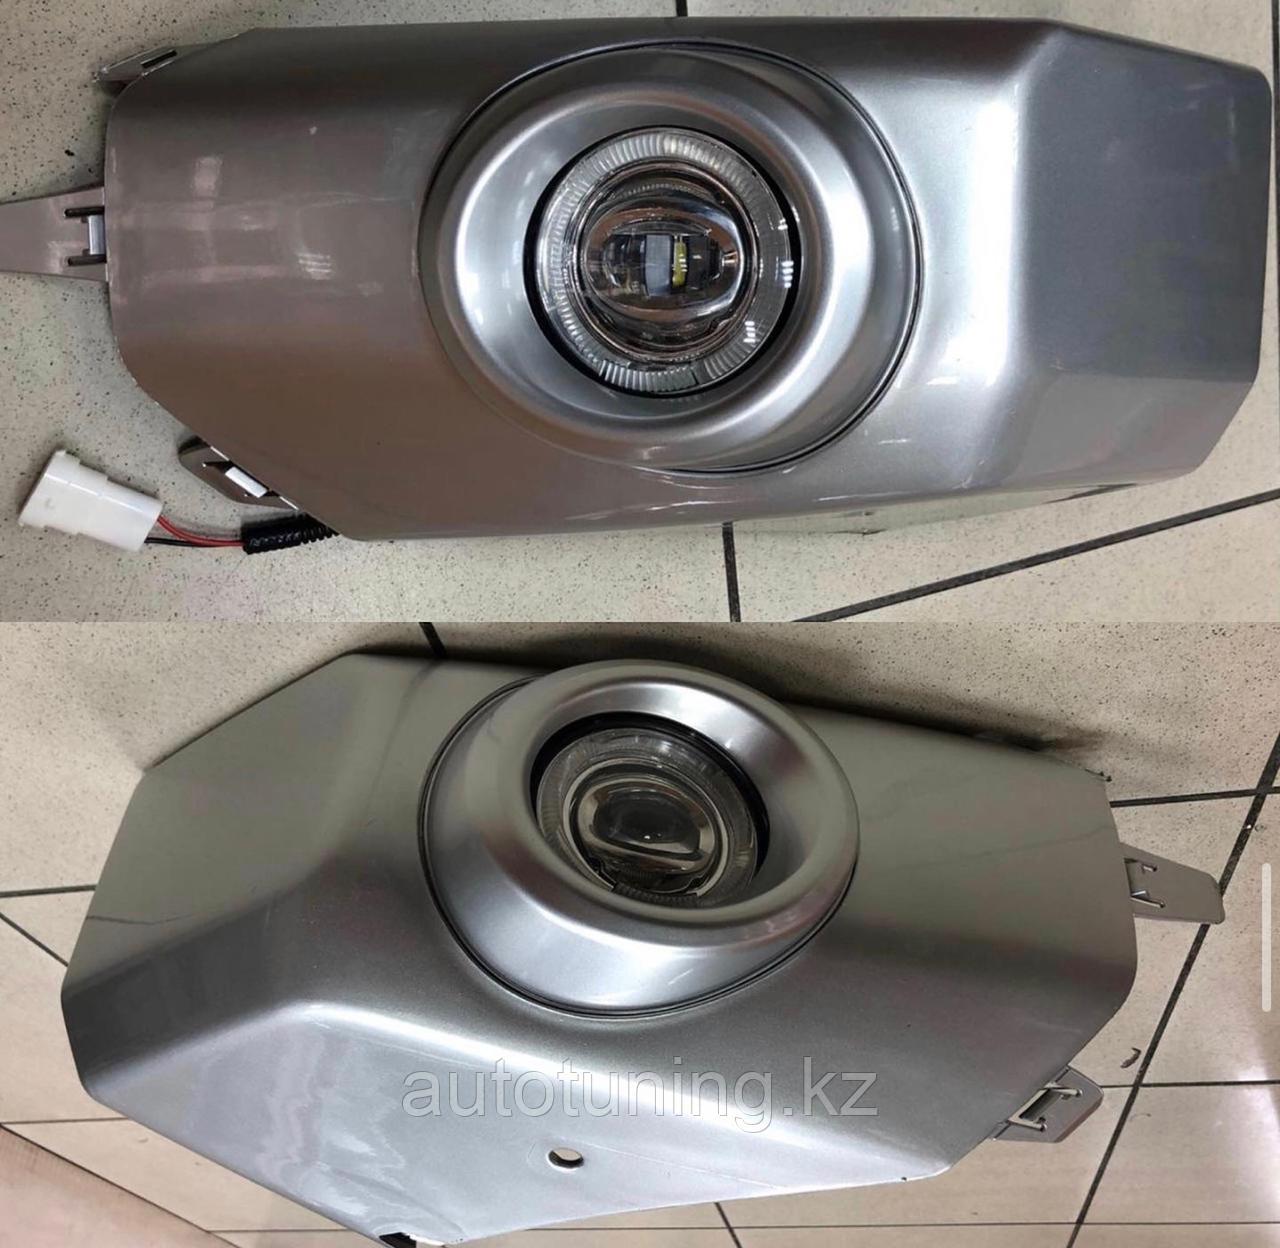 Клыки переднего бампера с ПТФ LED  на Toyota FJ Cruiser 2008-2016